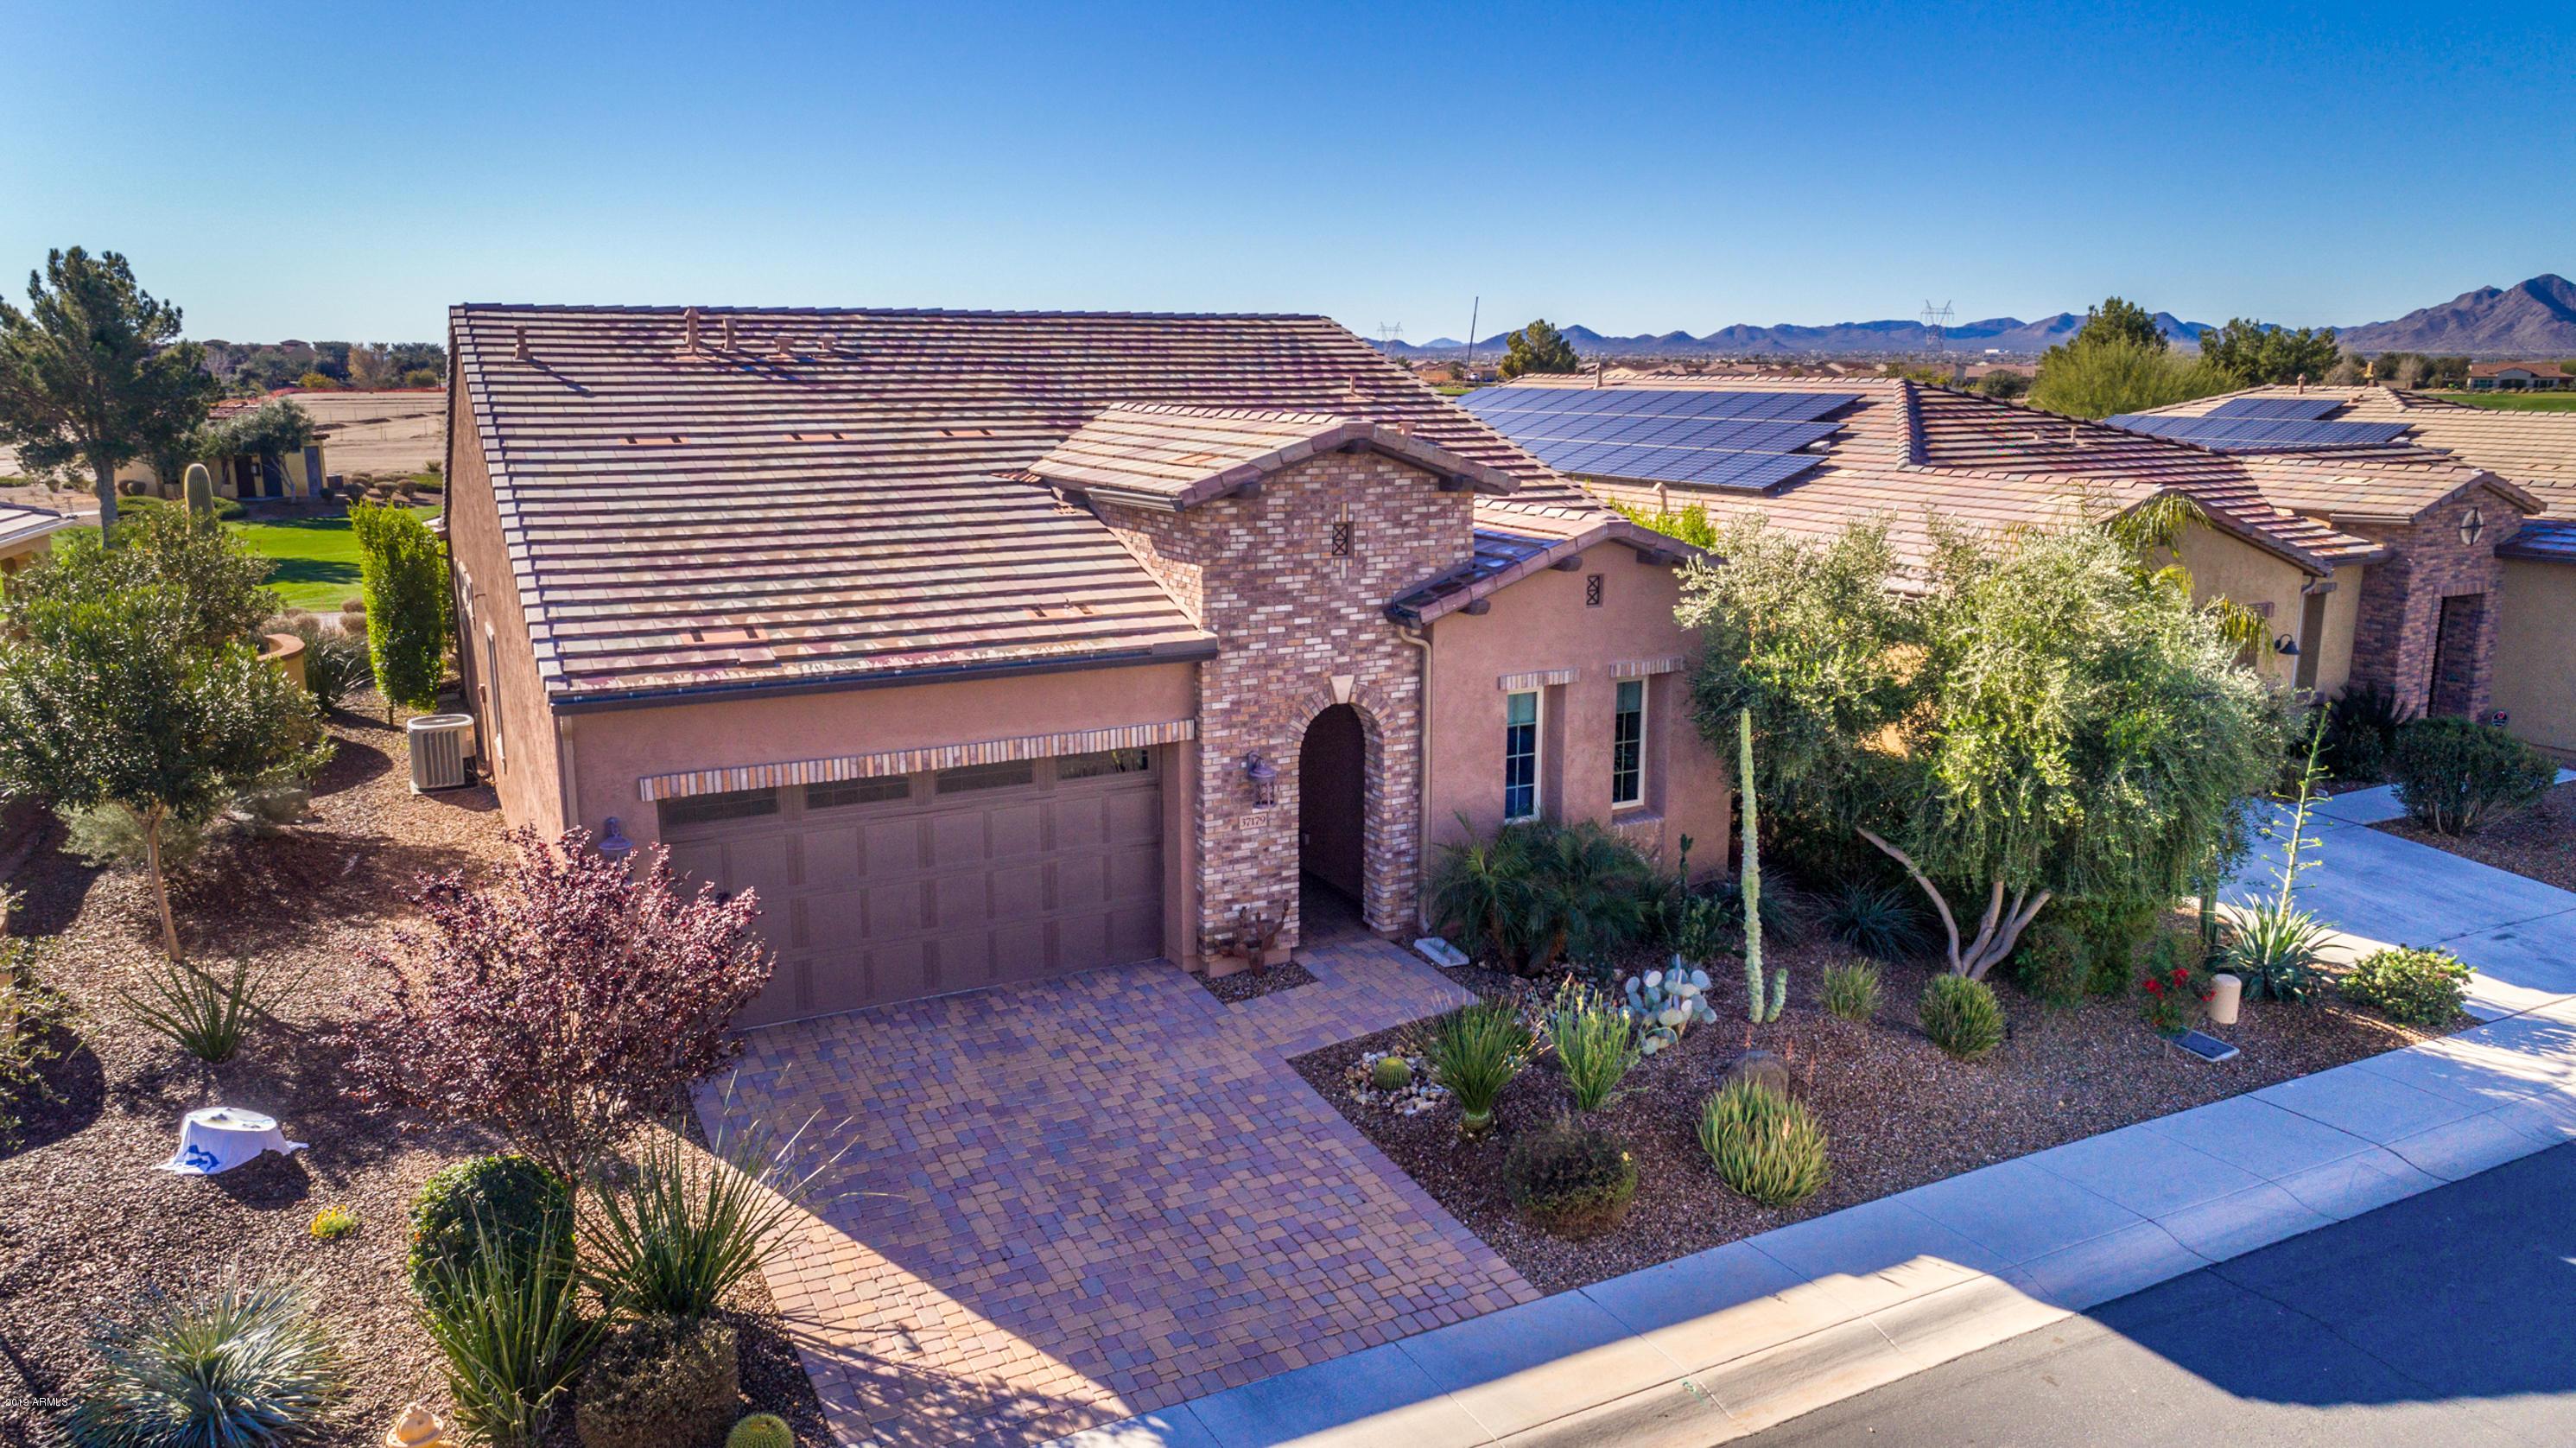 Photo for 37179 N Stoneware Drive, San Tan Valley, AZ 85140 (MLS # 5864113)